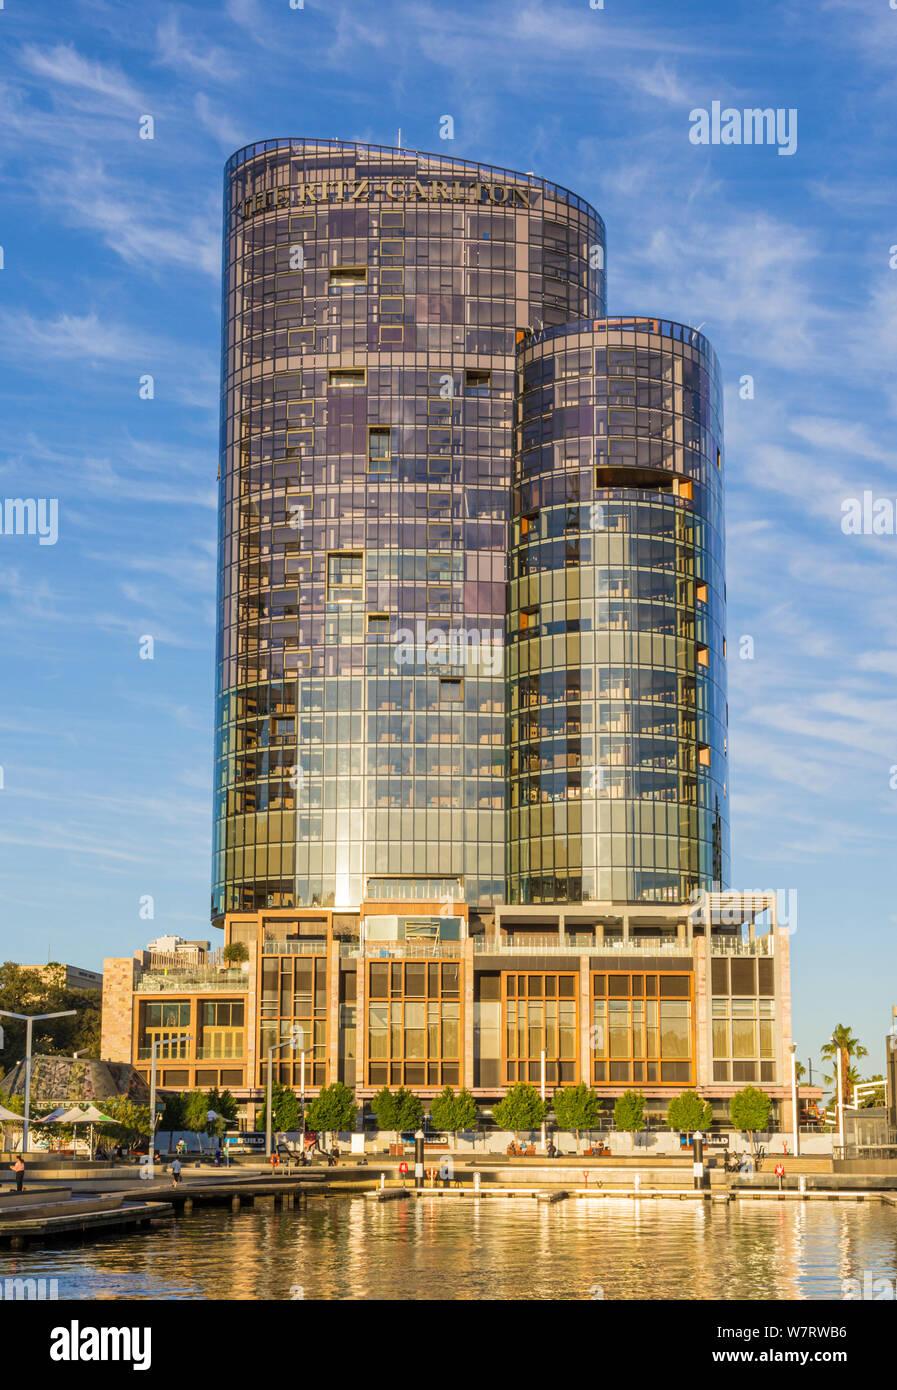 L'hôtel Ritz-Carlton, Elizabeth Street, Perth, Australie occidentale Banque D'Images